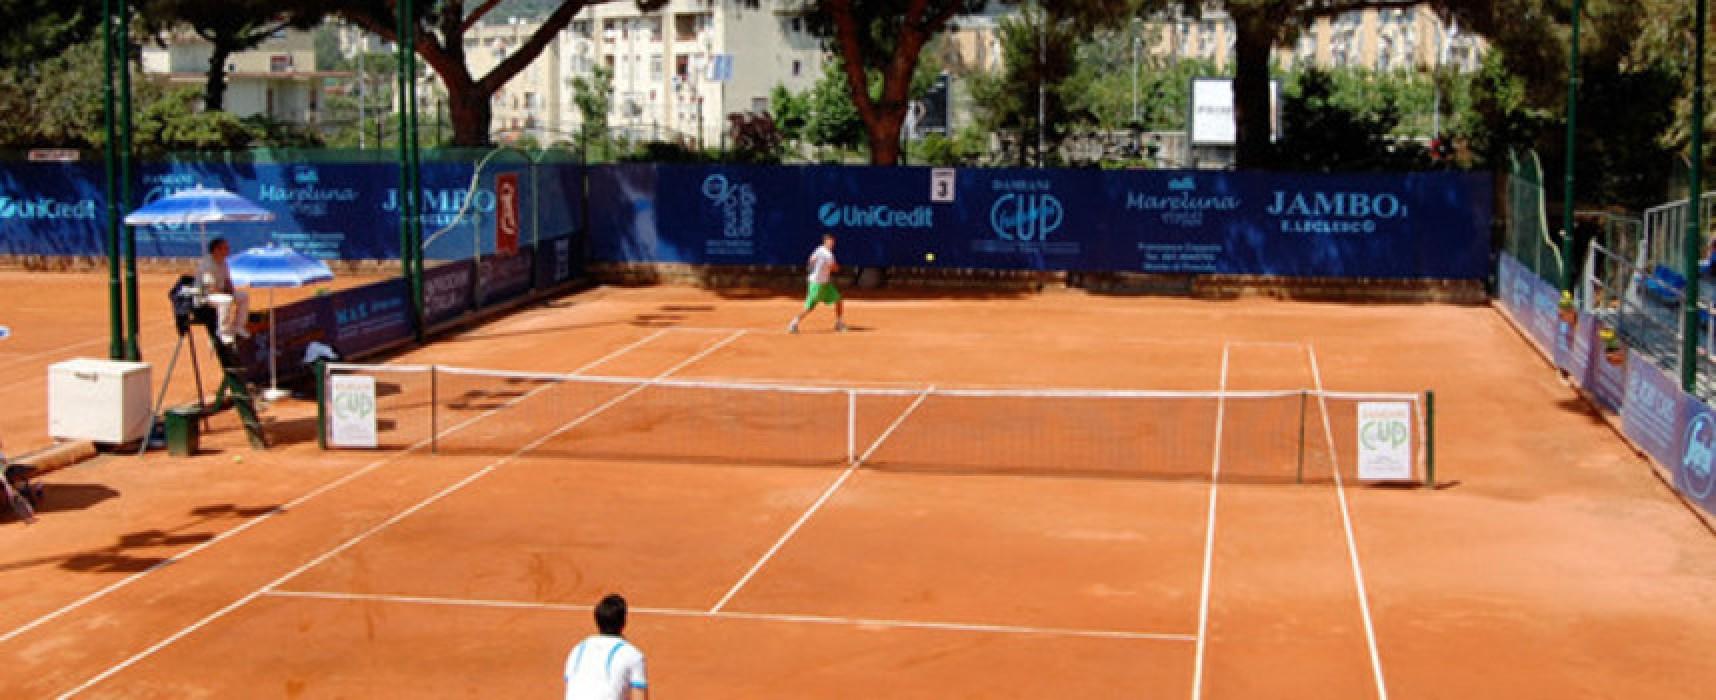 """Tennis, oggi Pellegrino in campo al """"Damiani's Futures Cup 2014"""""""